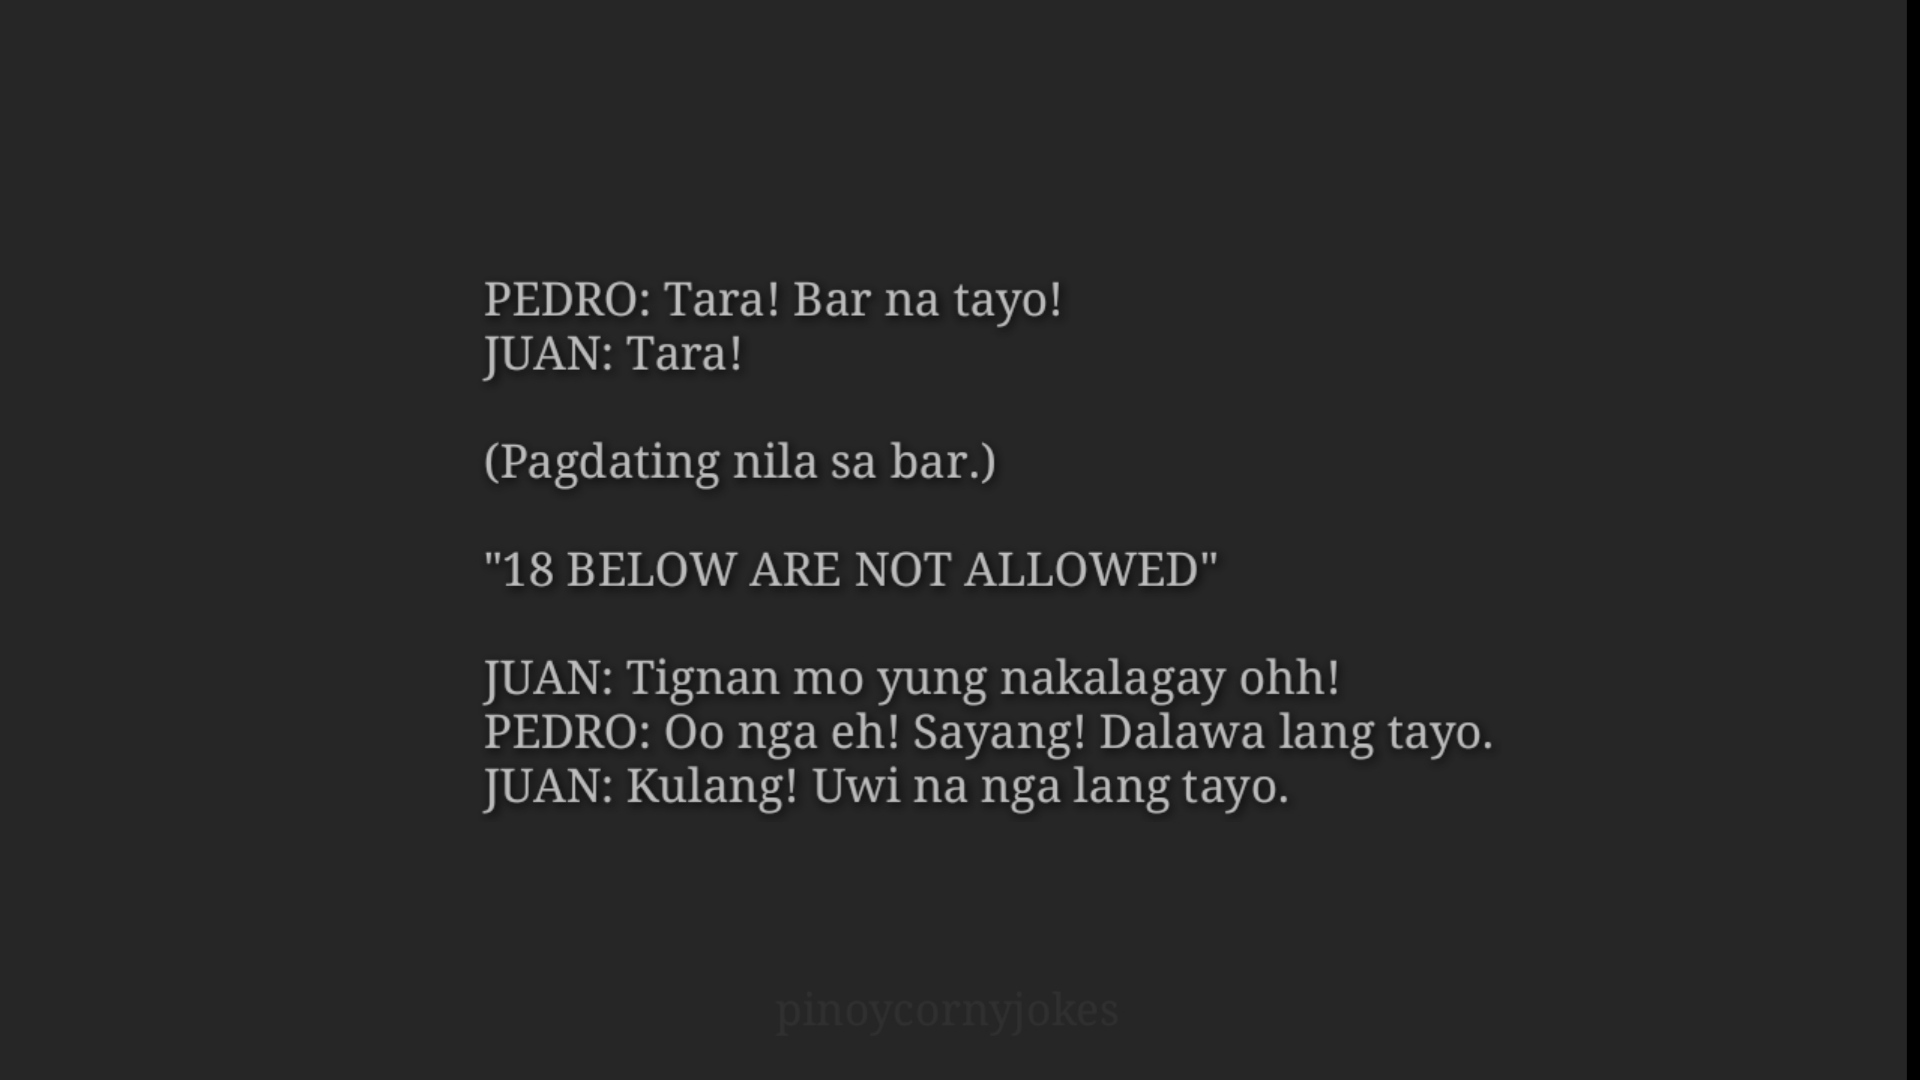 Corny Tagalog Jokes - Punta sa Bar